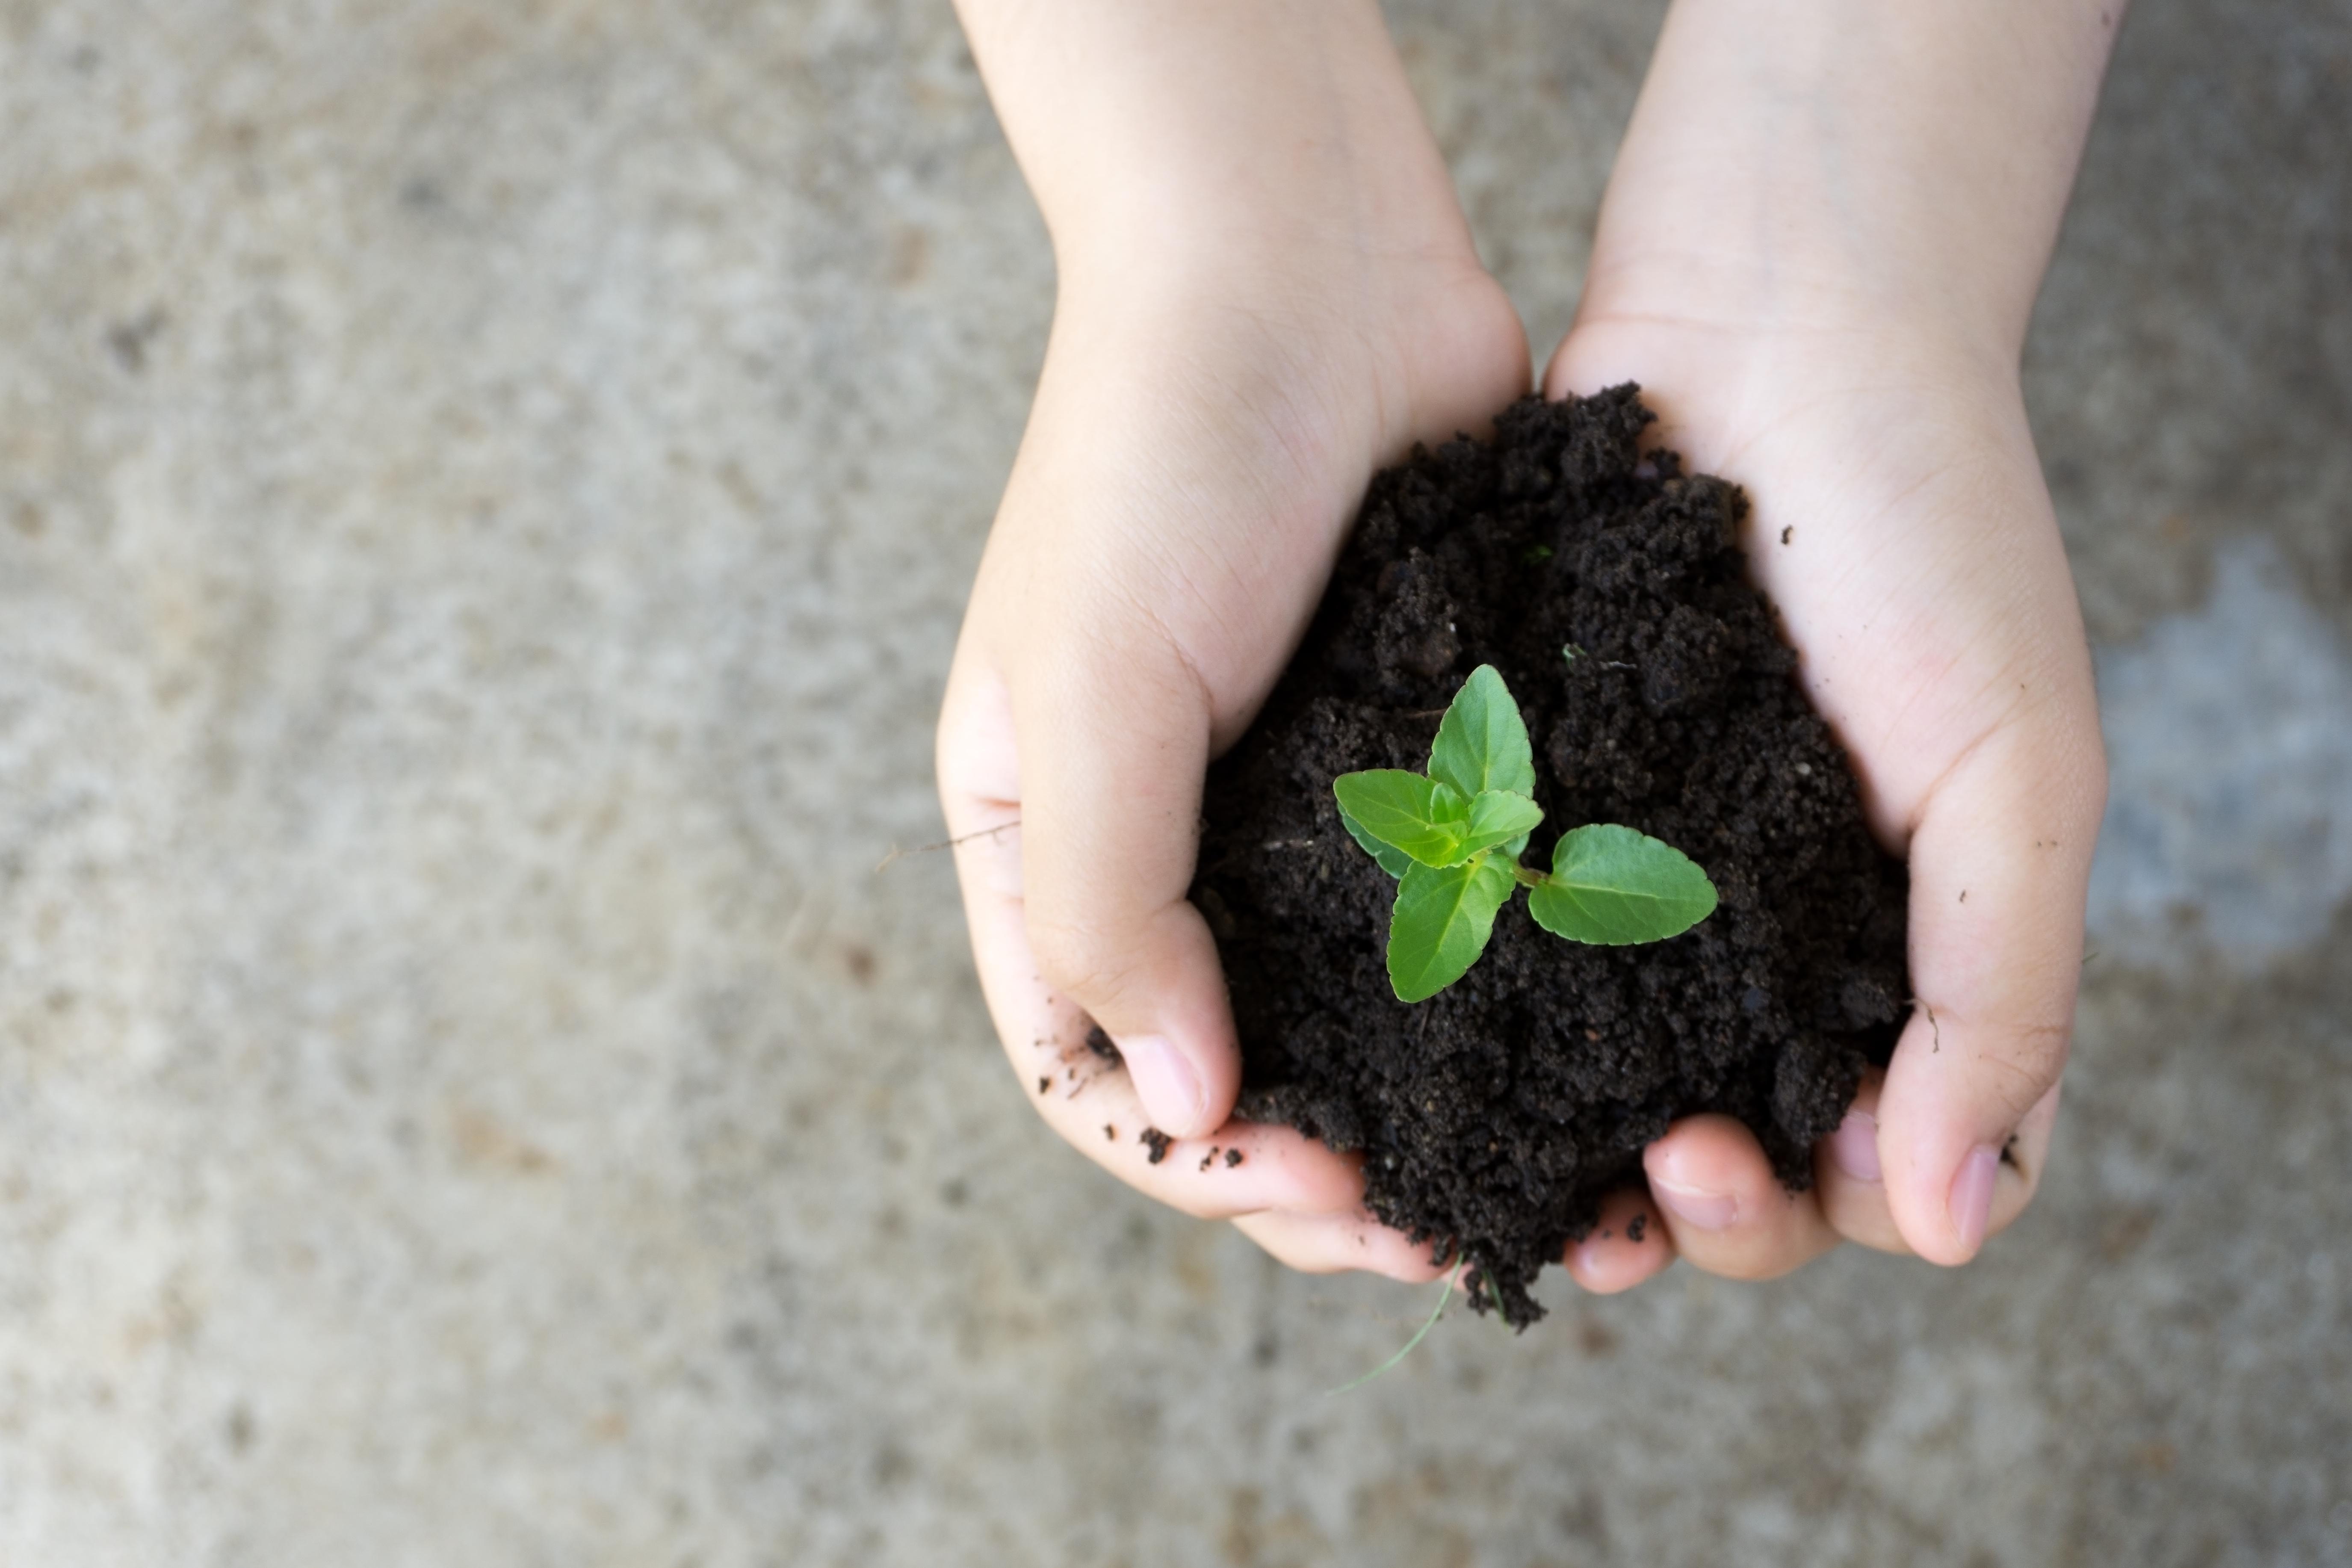 Zwei Hände halten ein bisschen Erde. Darin ist eine kleine Pflanze zu sehen. Das Bild untermauert noch einmal die Wichtigkeit nachhaltiger Beschaffung.